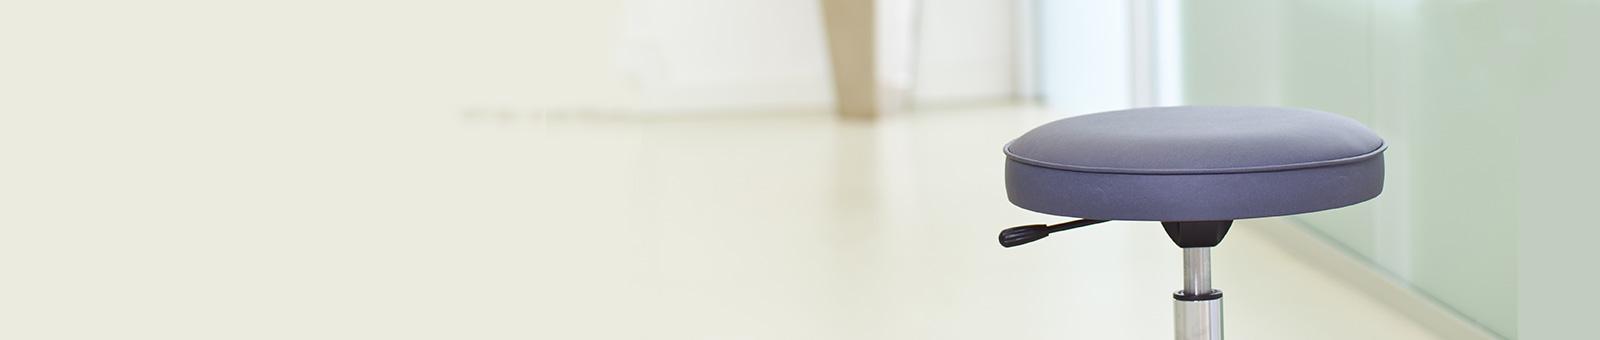 drehhocker excellent gas dreh und drehhocker with. Black Bedroom Furniture Sets. Home Design Ideas